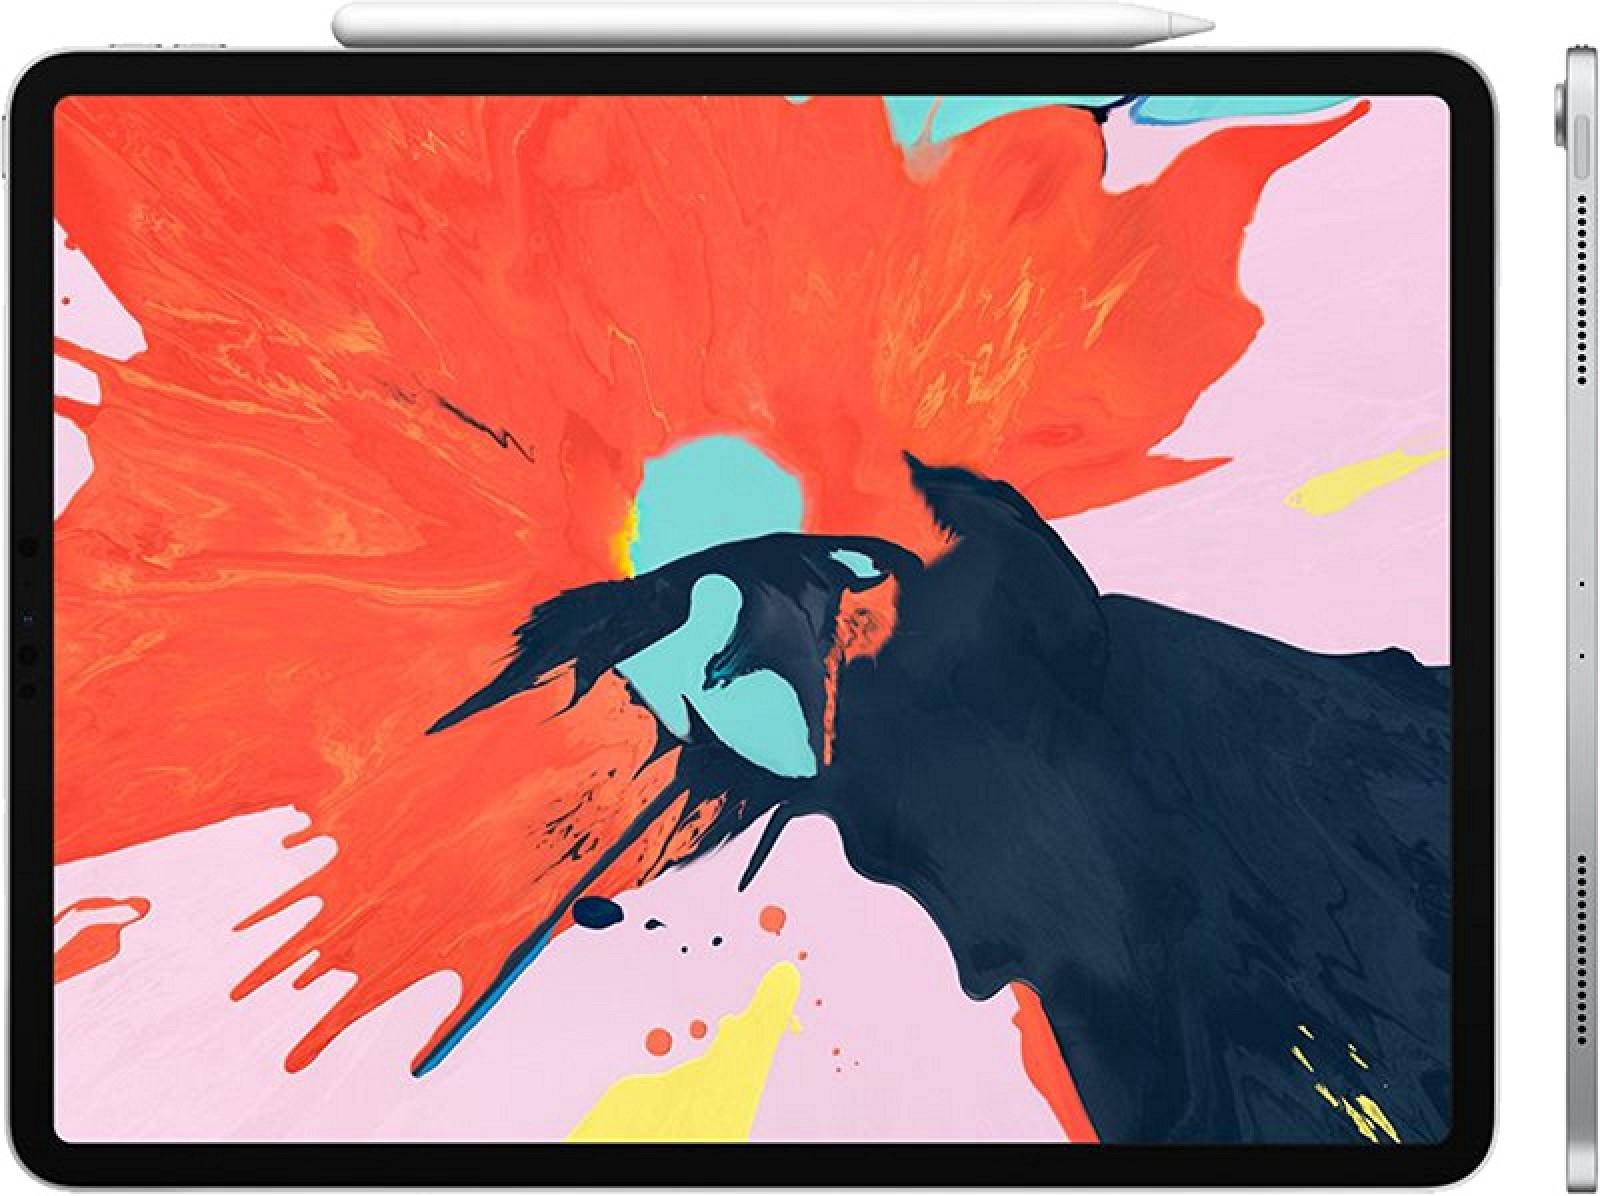 Ofertas: ahorre en el iPad Pro, MacBook Pro y MacBook Air de Apple (todos los más bajos, hasta $ 400 de descuento)